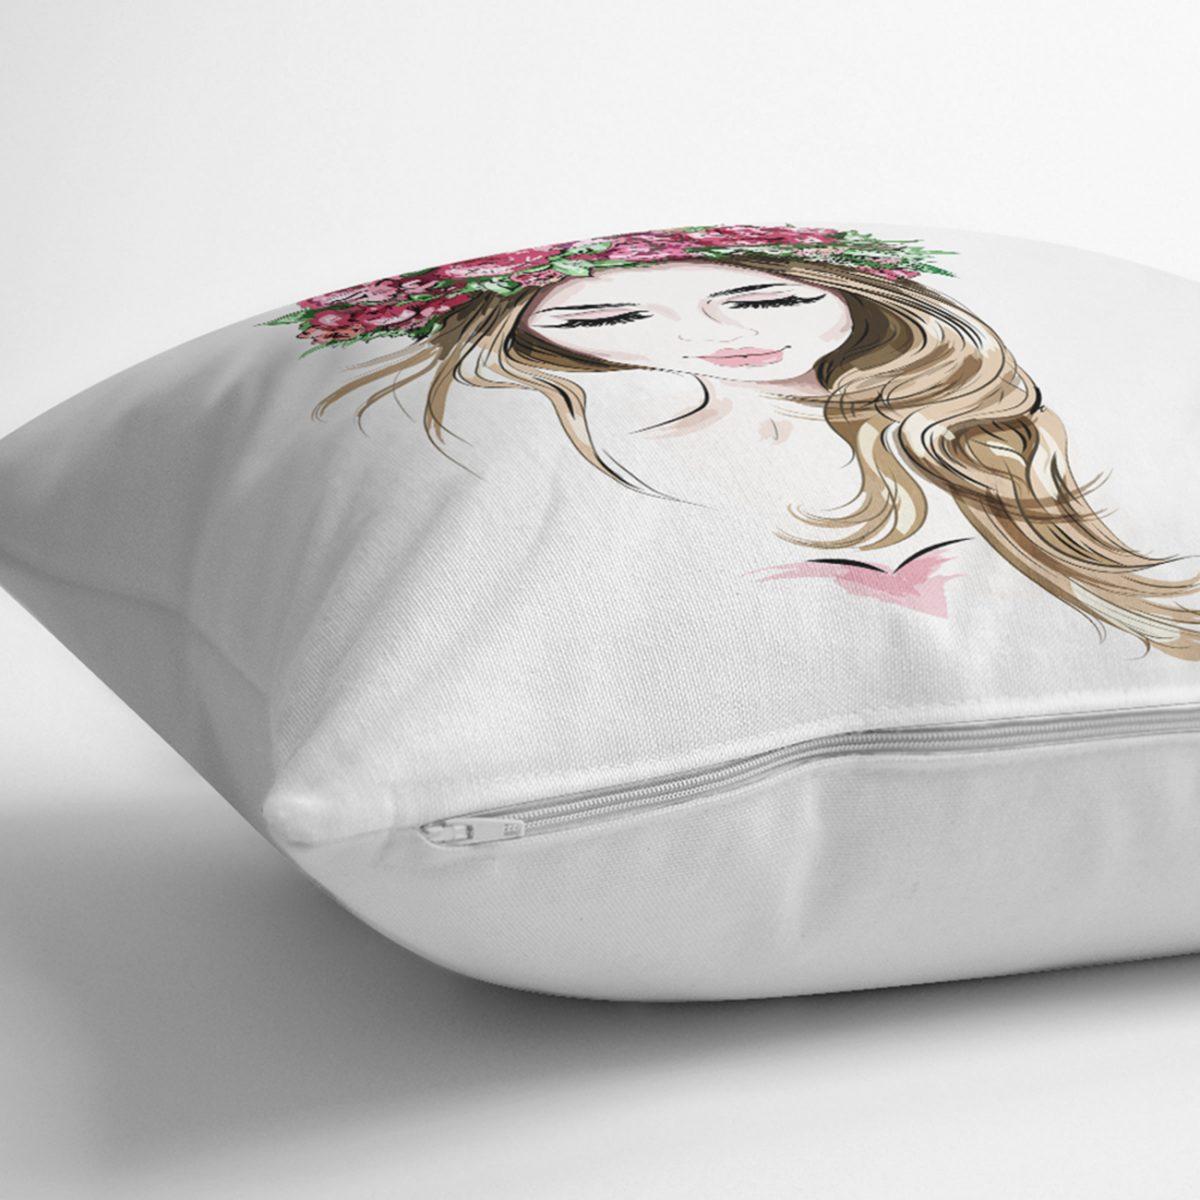 Beyaz Zeminde Rankli Kalem Çizimli Dekoratif Modern Yastık Kılıfı Realhomes